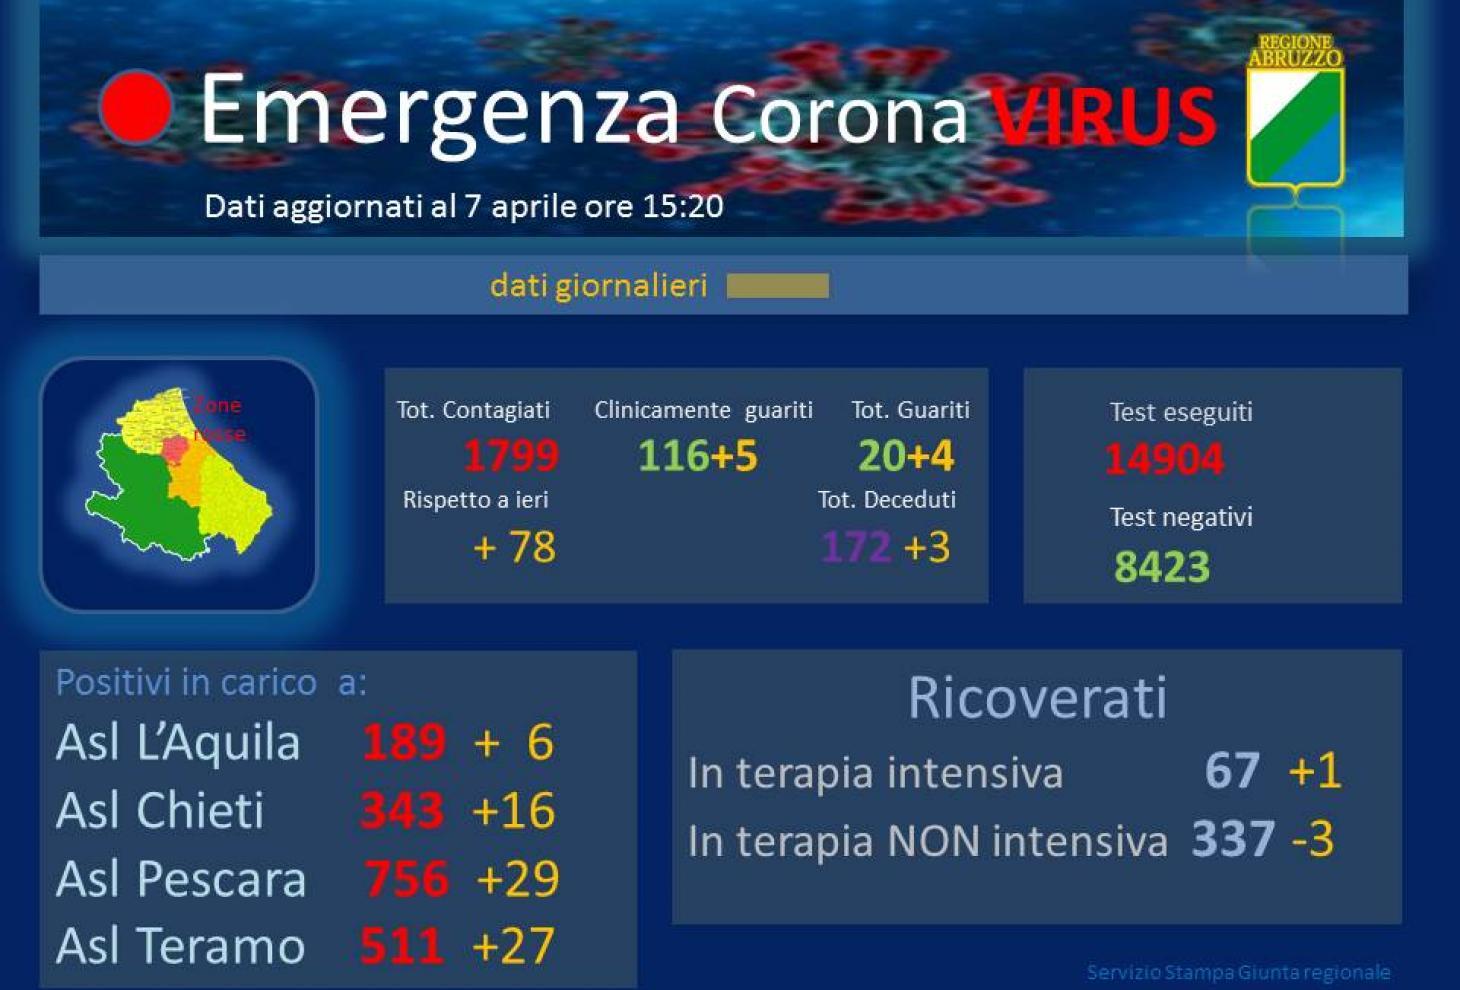 Coronavirus: Abruzzo, dati aggiornati al 7 aprile. Positivi a 1799, più che raddoppiata la percentuale di positivi sui tamponi fatti